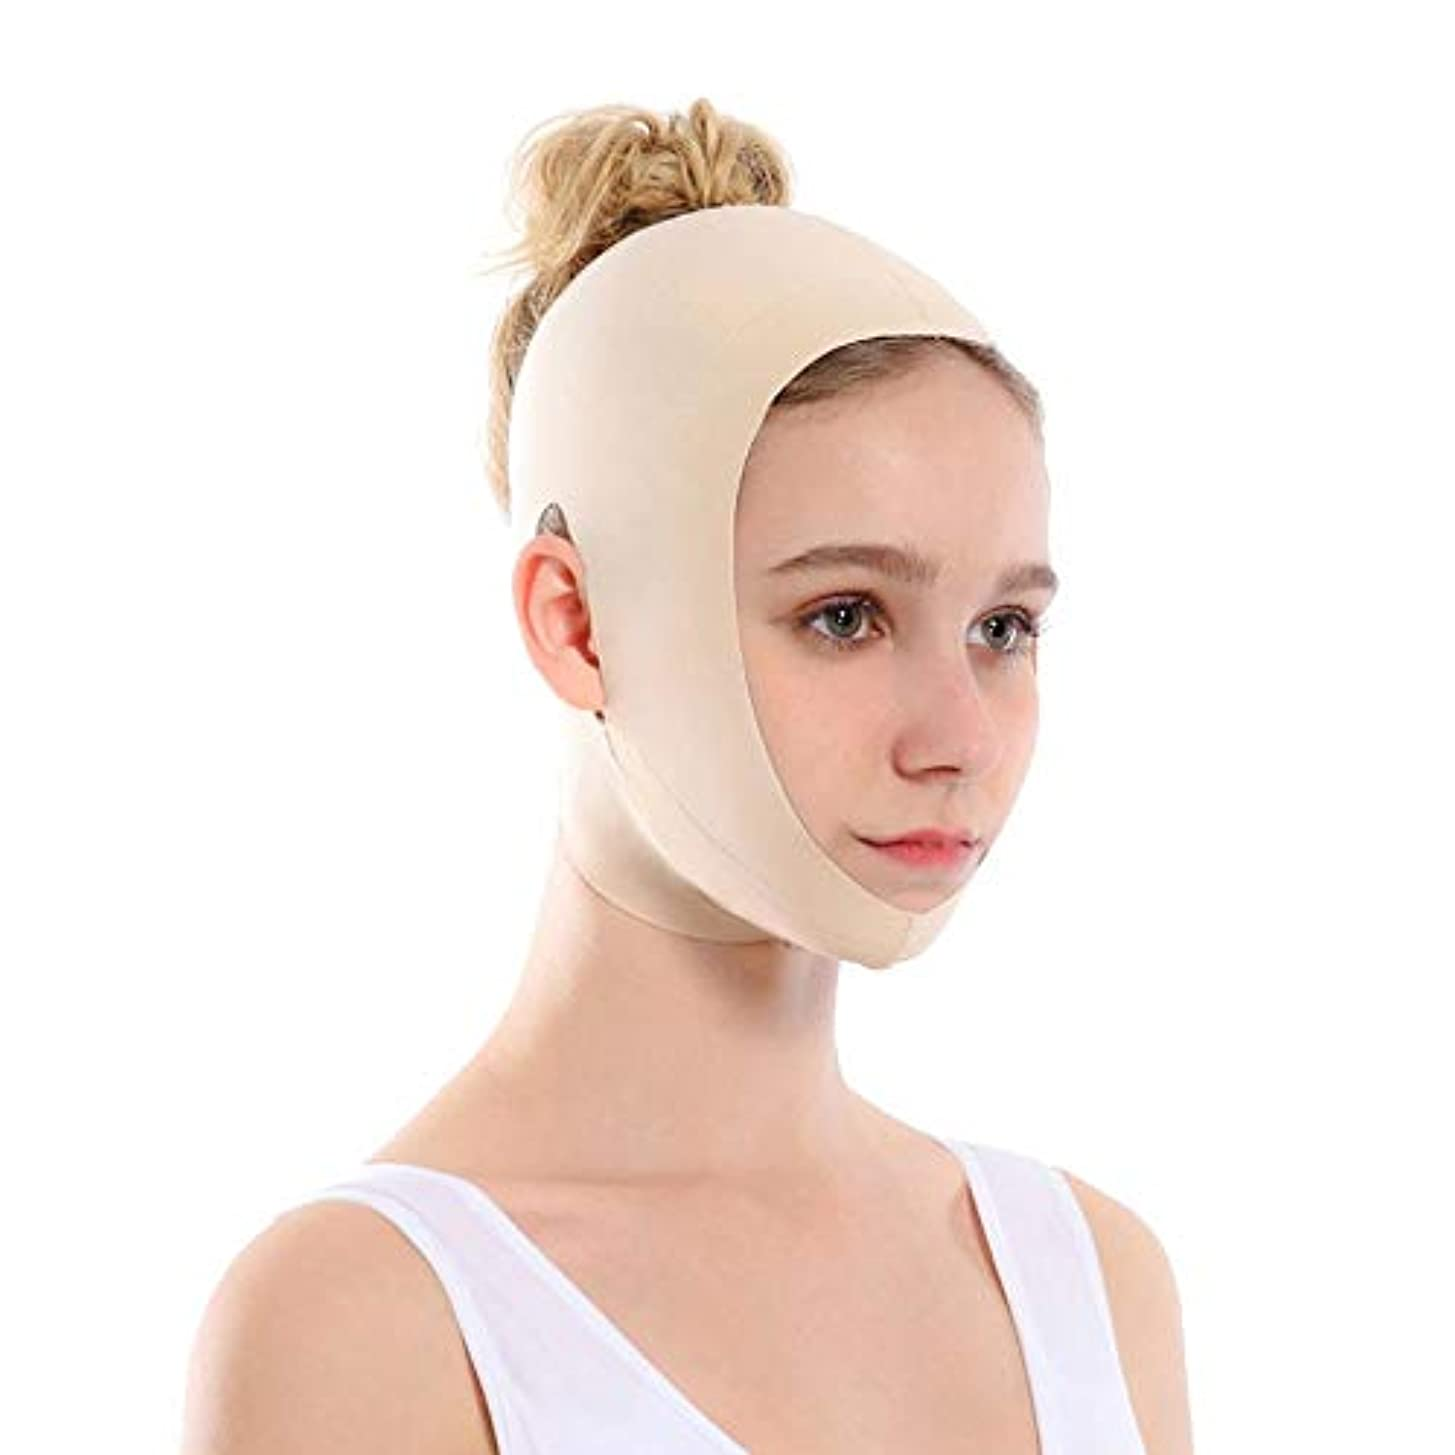 雄大な収縮どきどきMinmin 顔を持ち上げるアーティファクトVフェイス包帯リフティング引き締め睡眠薄い顔を整形持ち上げる顔を二重あご矯正 - 肌の色 みんみんVラインフェイスマスク